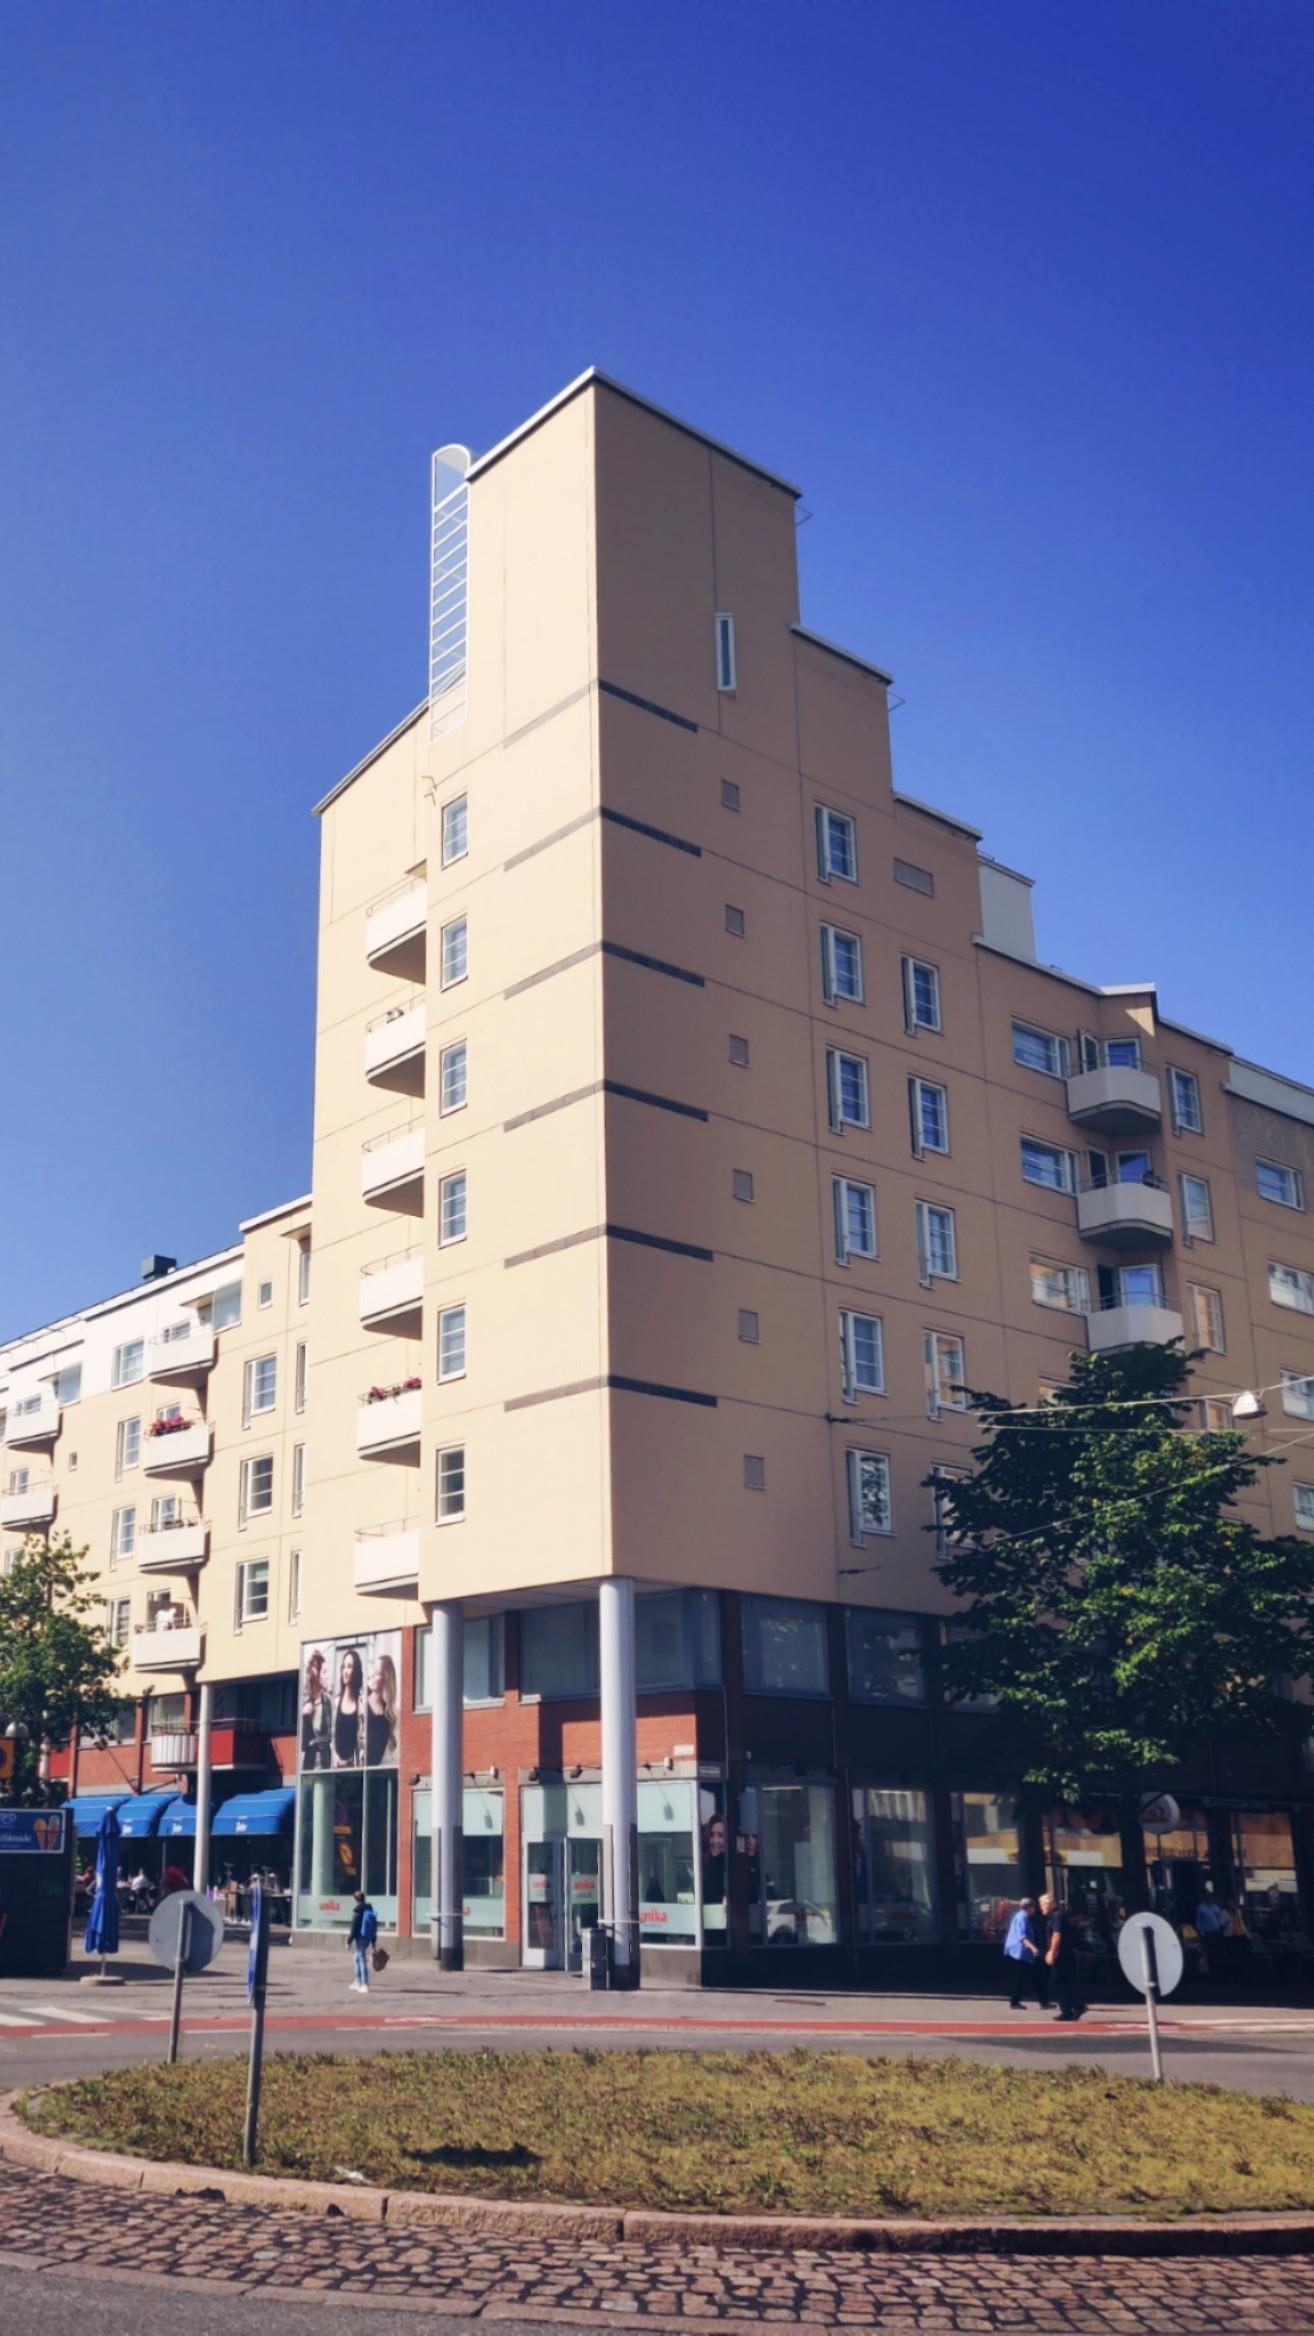 Toimistomme sijaitsee Helsingin Kampissa, osoitteessa Runeberginkatu 4a C 9, 00100 Helsinki.